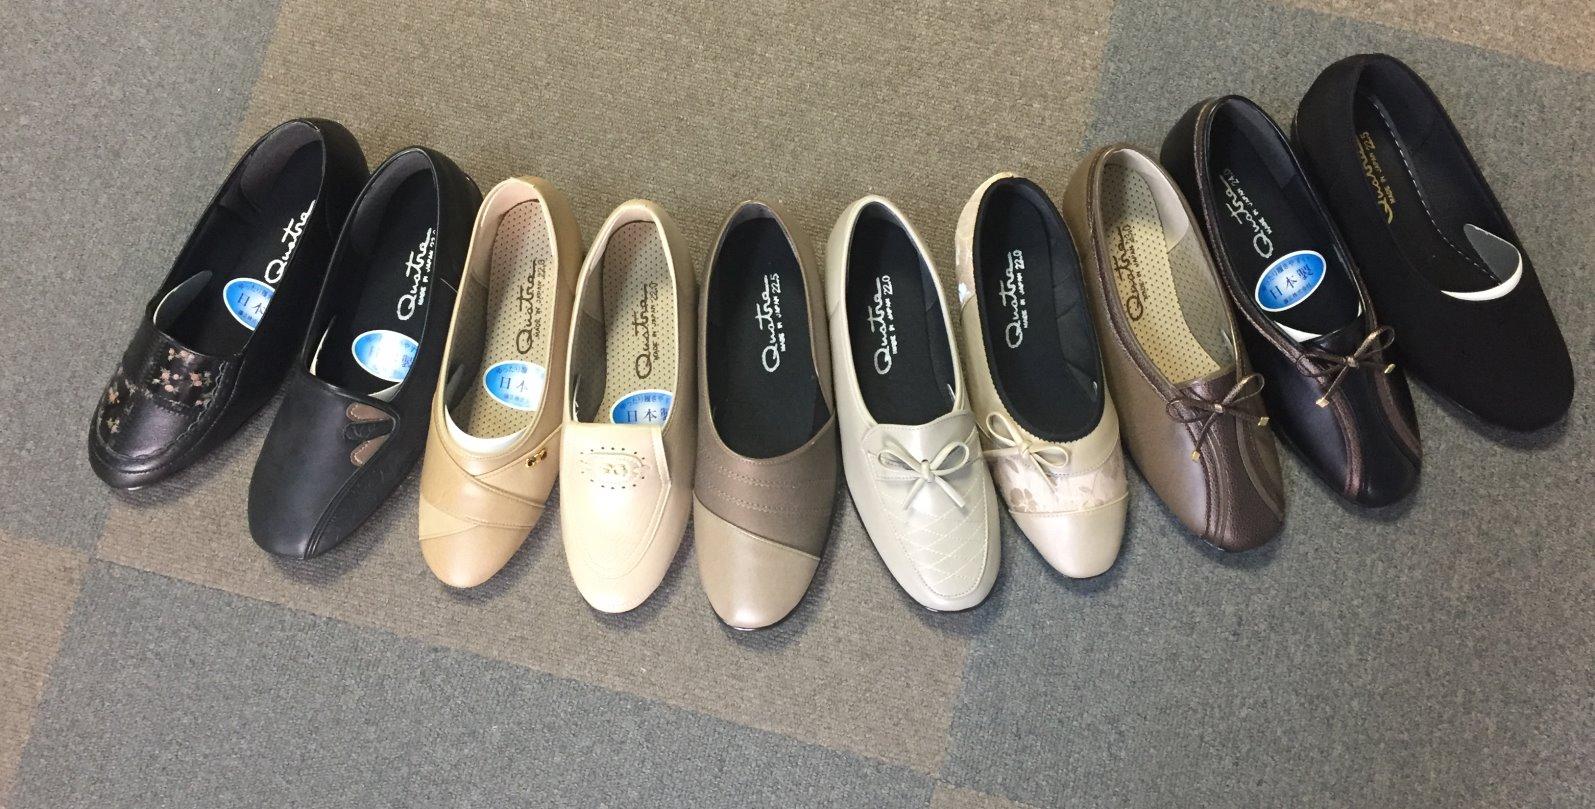 【日本製】婦人靴パンプスおまかせセット